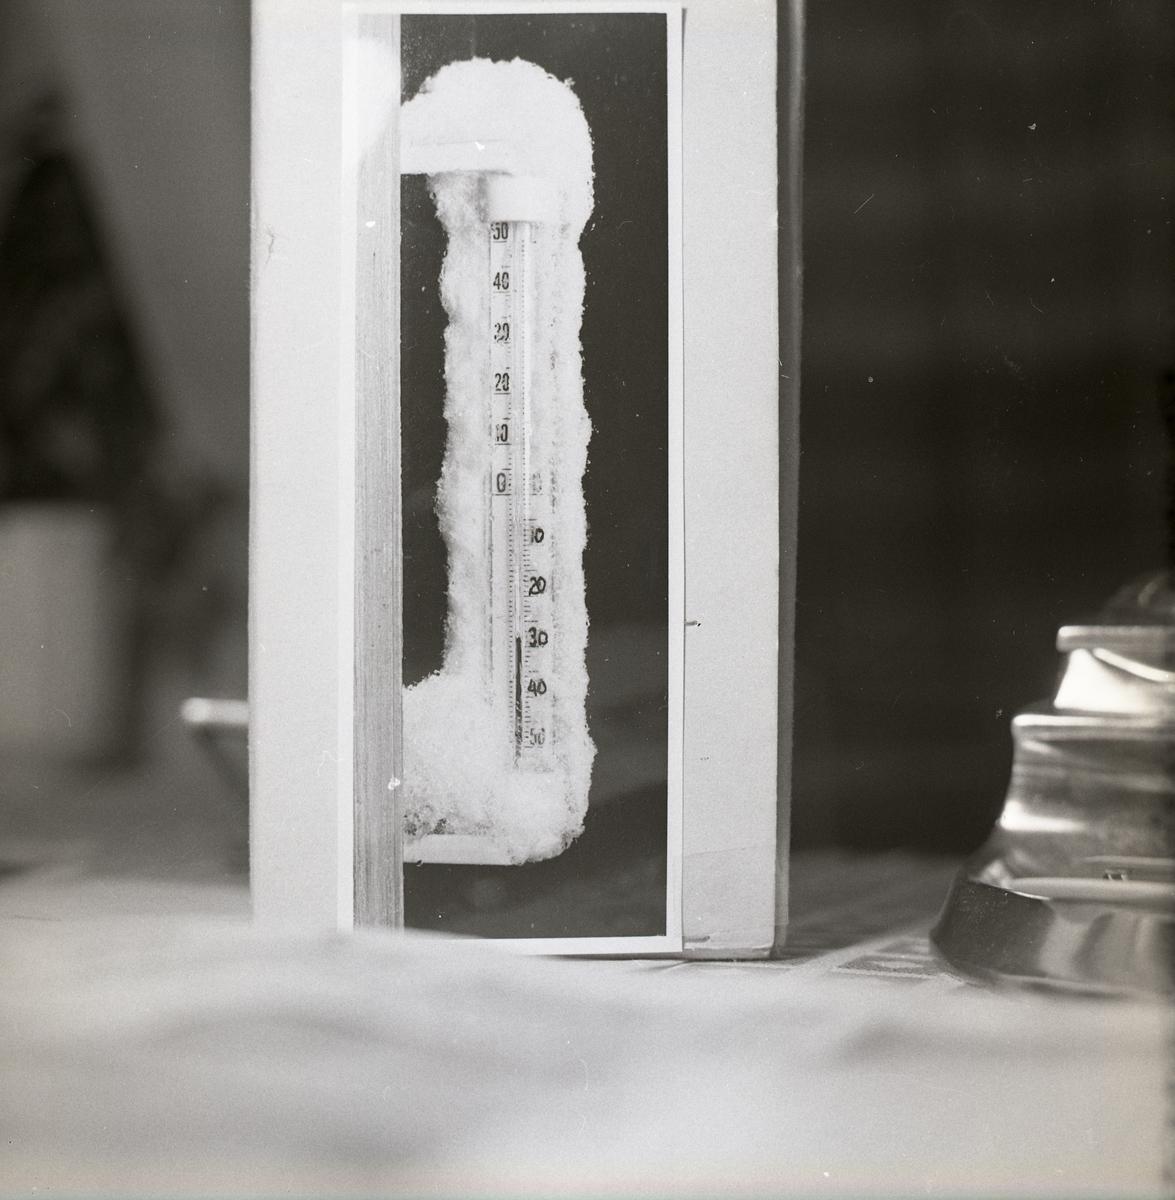 Översnöad termometer som visar -28 grader, 1966.